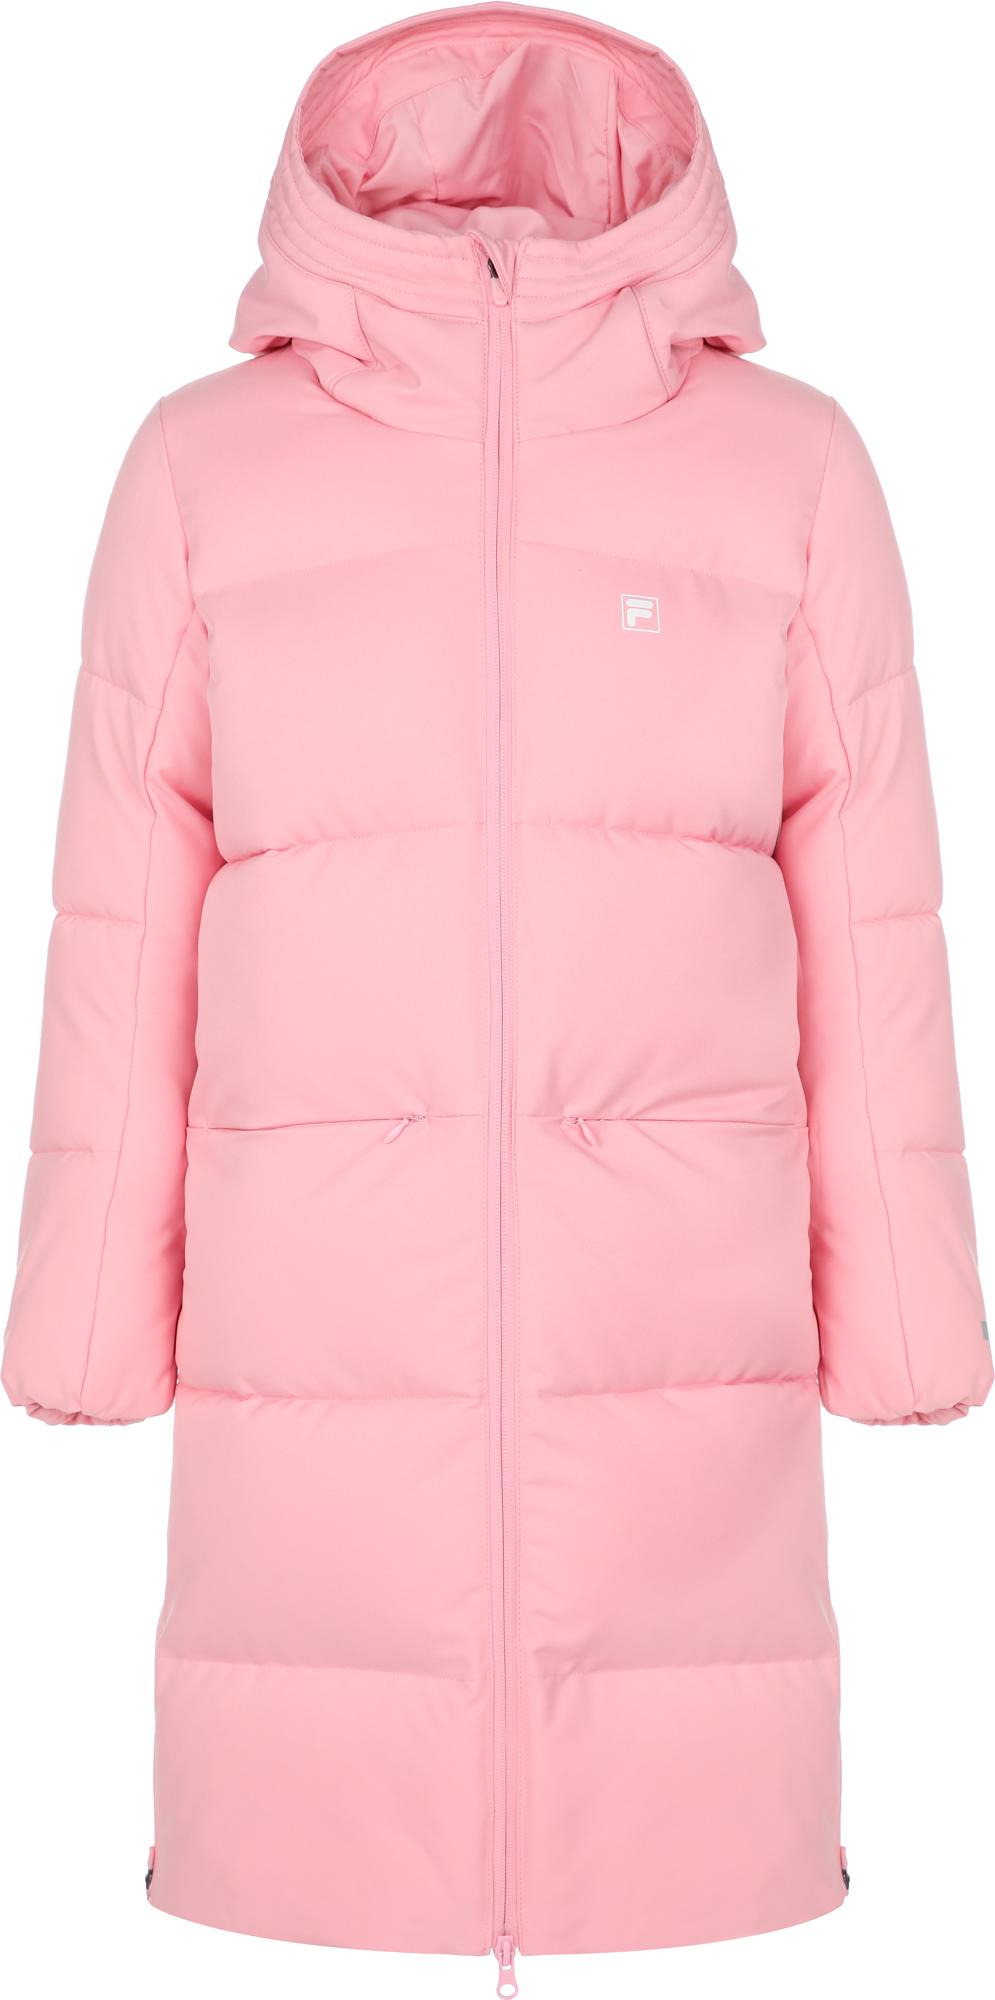 fila худи для девочек fila размер 164 FILA Куртка утепленная для девочек FILA, размер 164